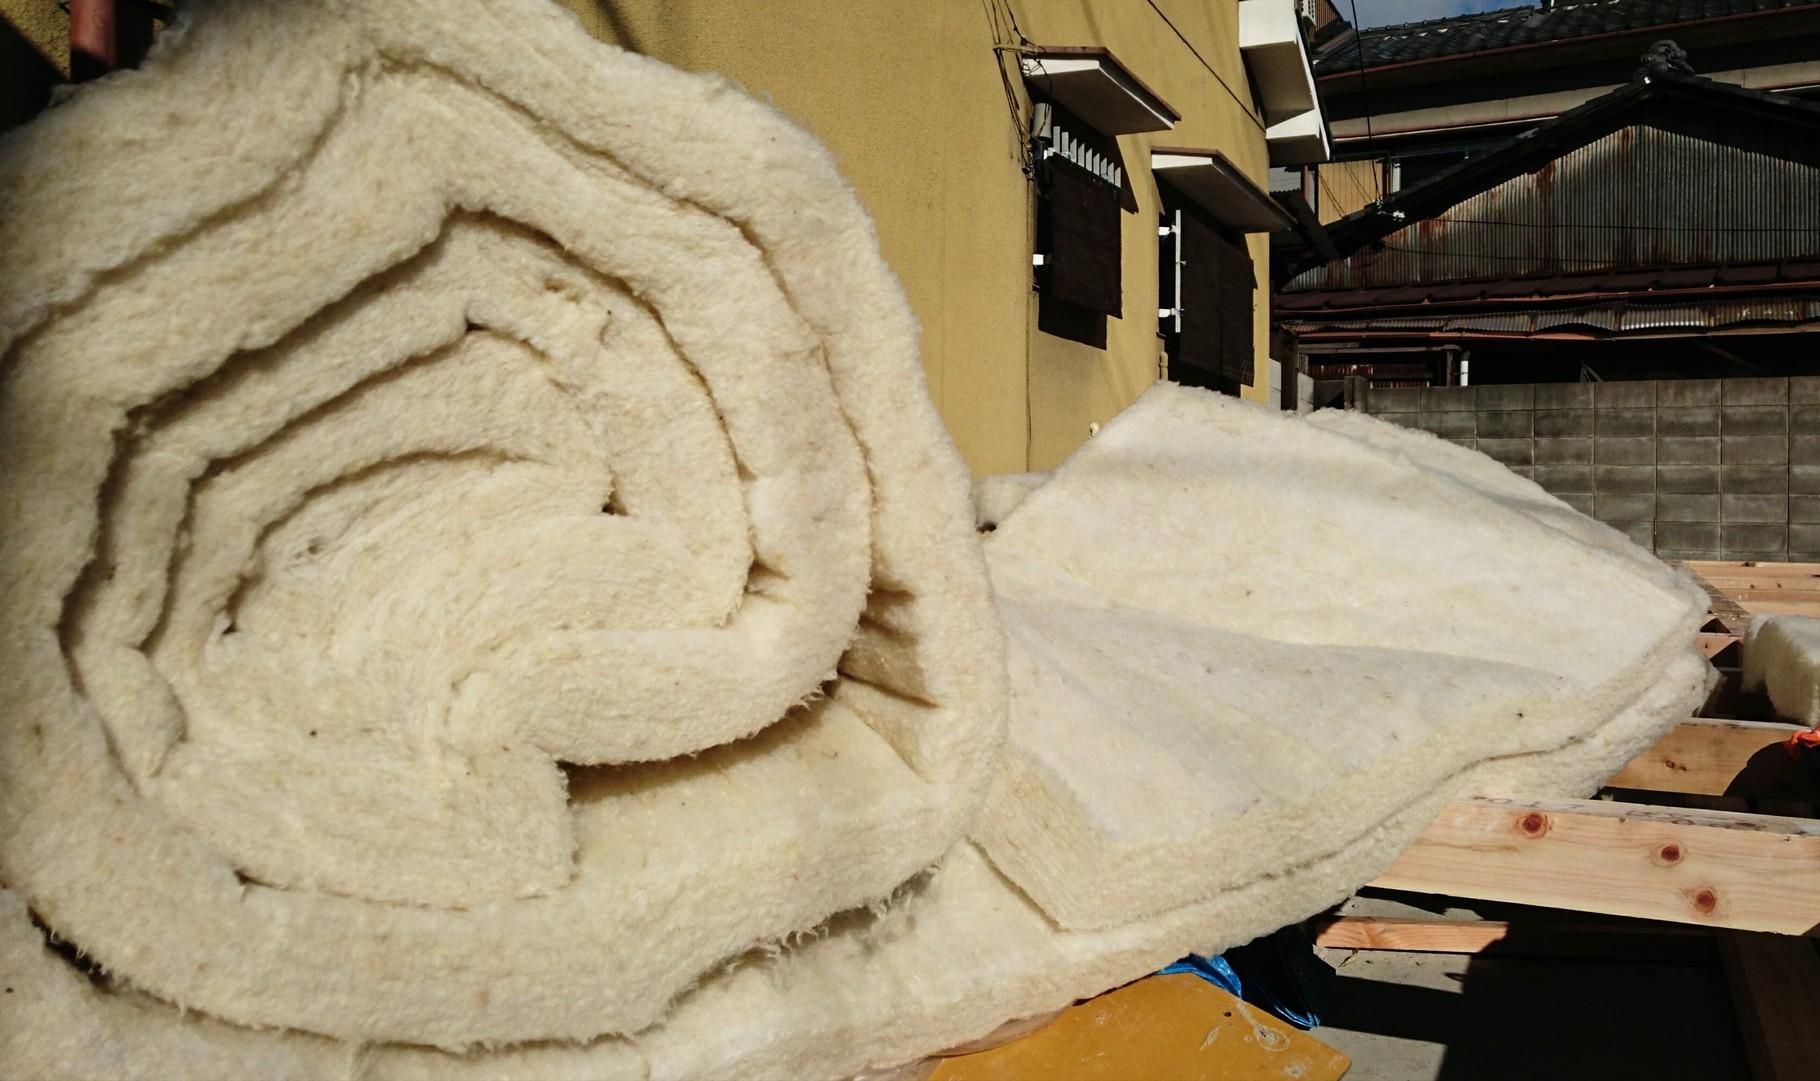 羊毛断熱材施行カット前